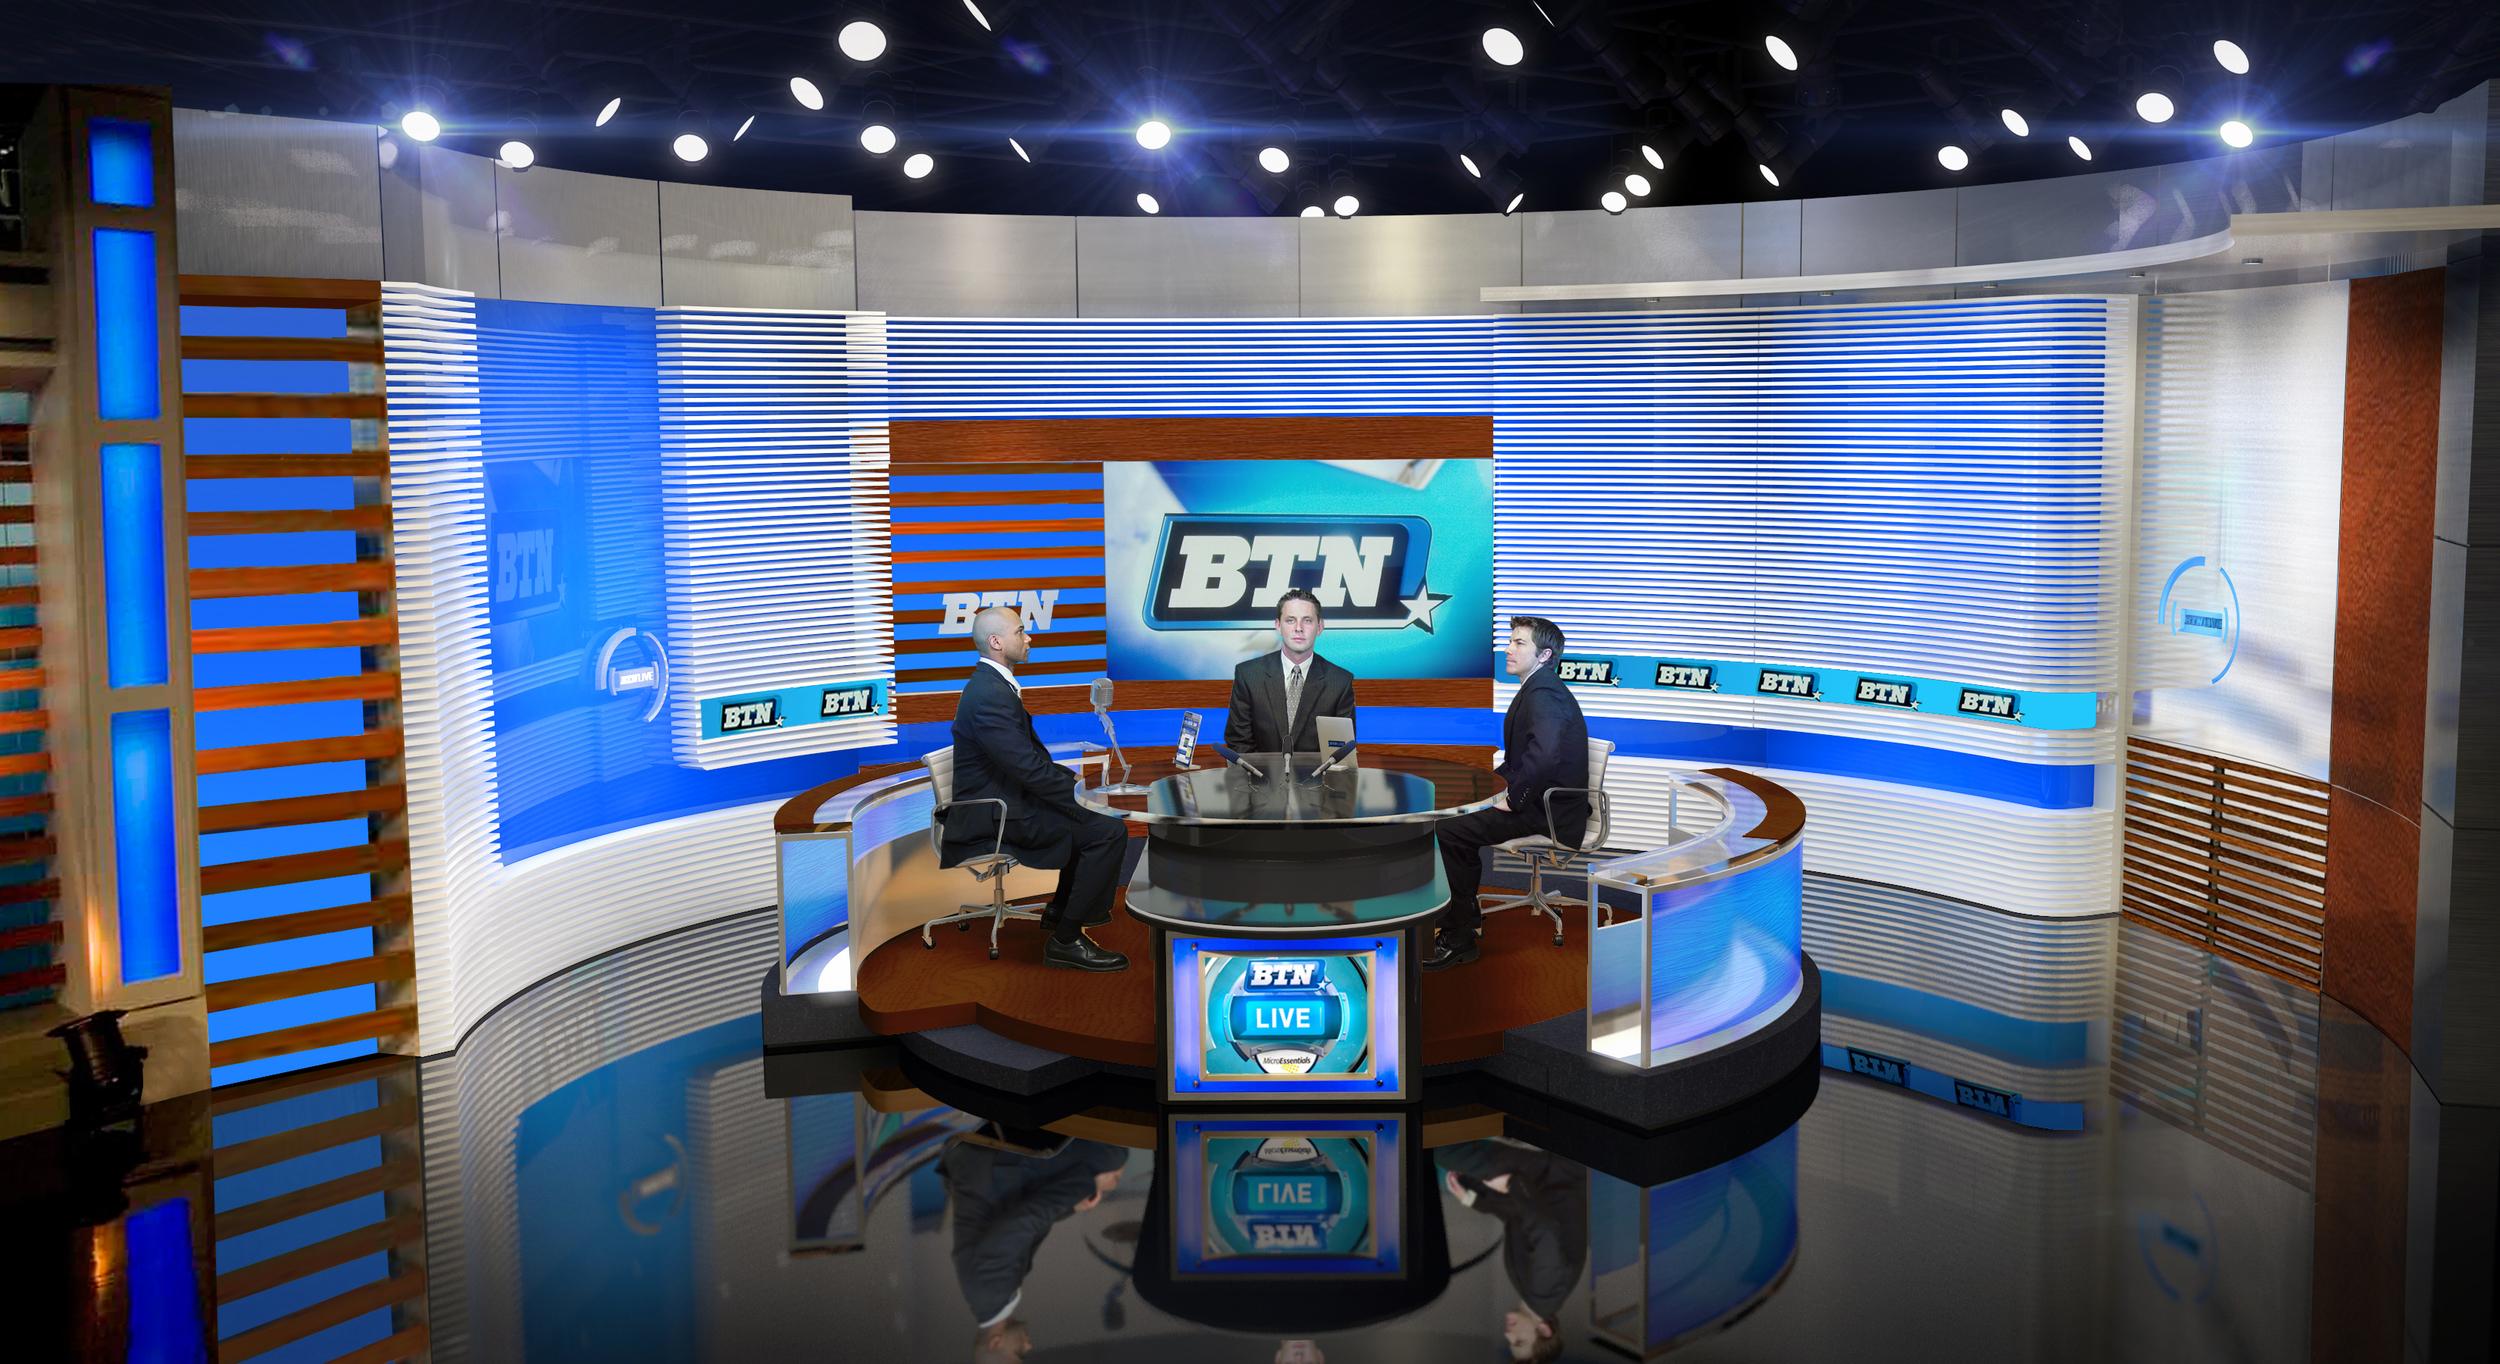 Big Ten Network Broadcast Studio Design